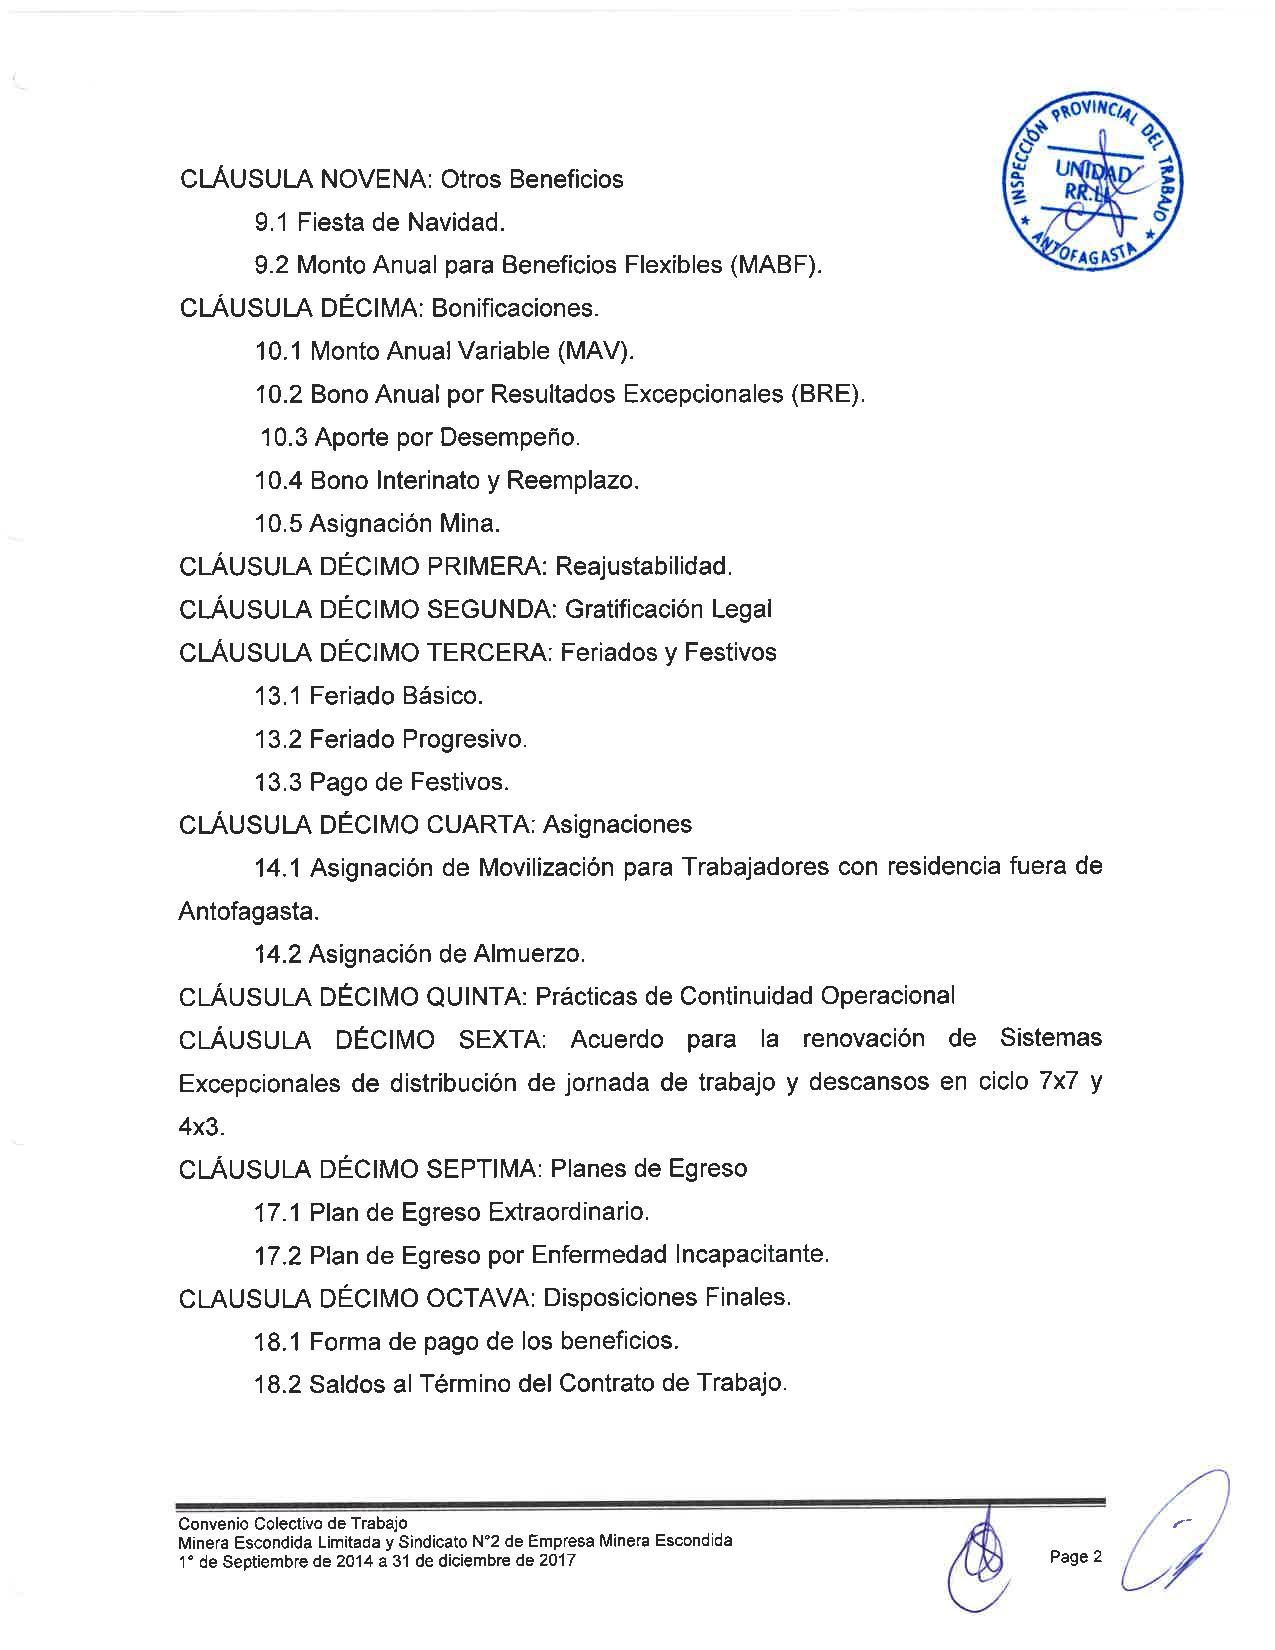 Página (2).jpg